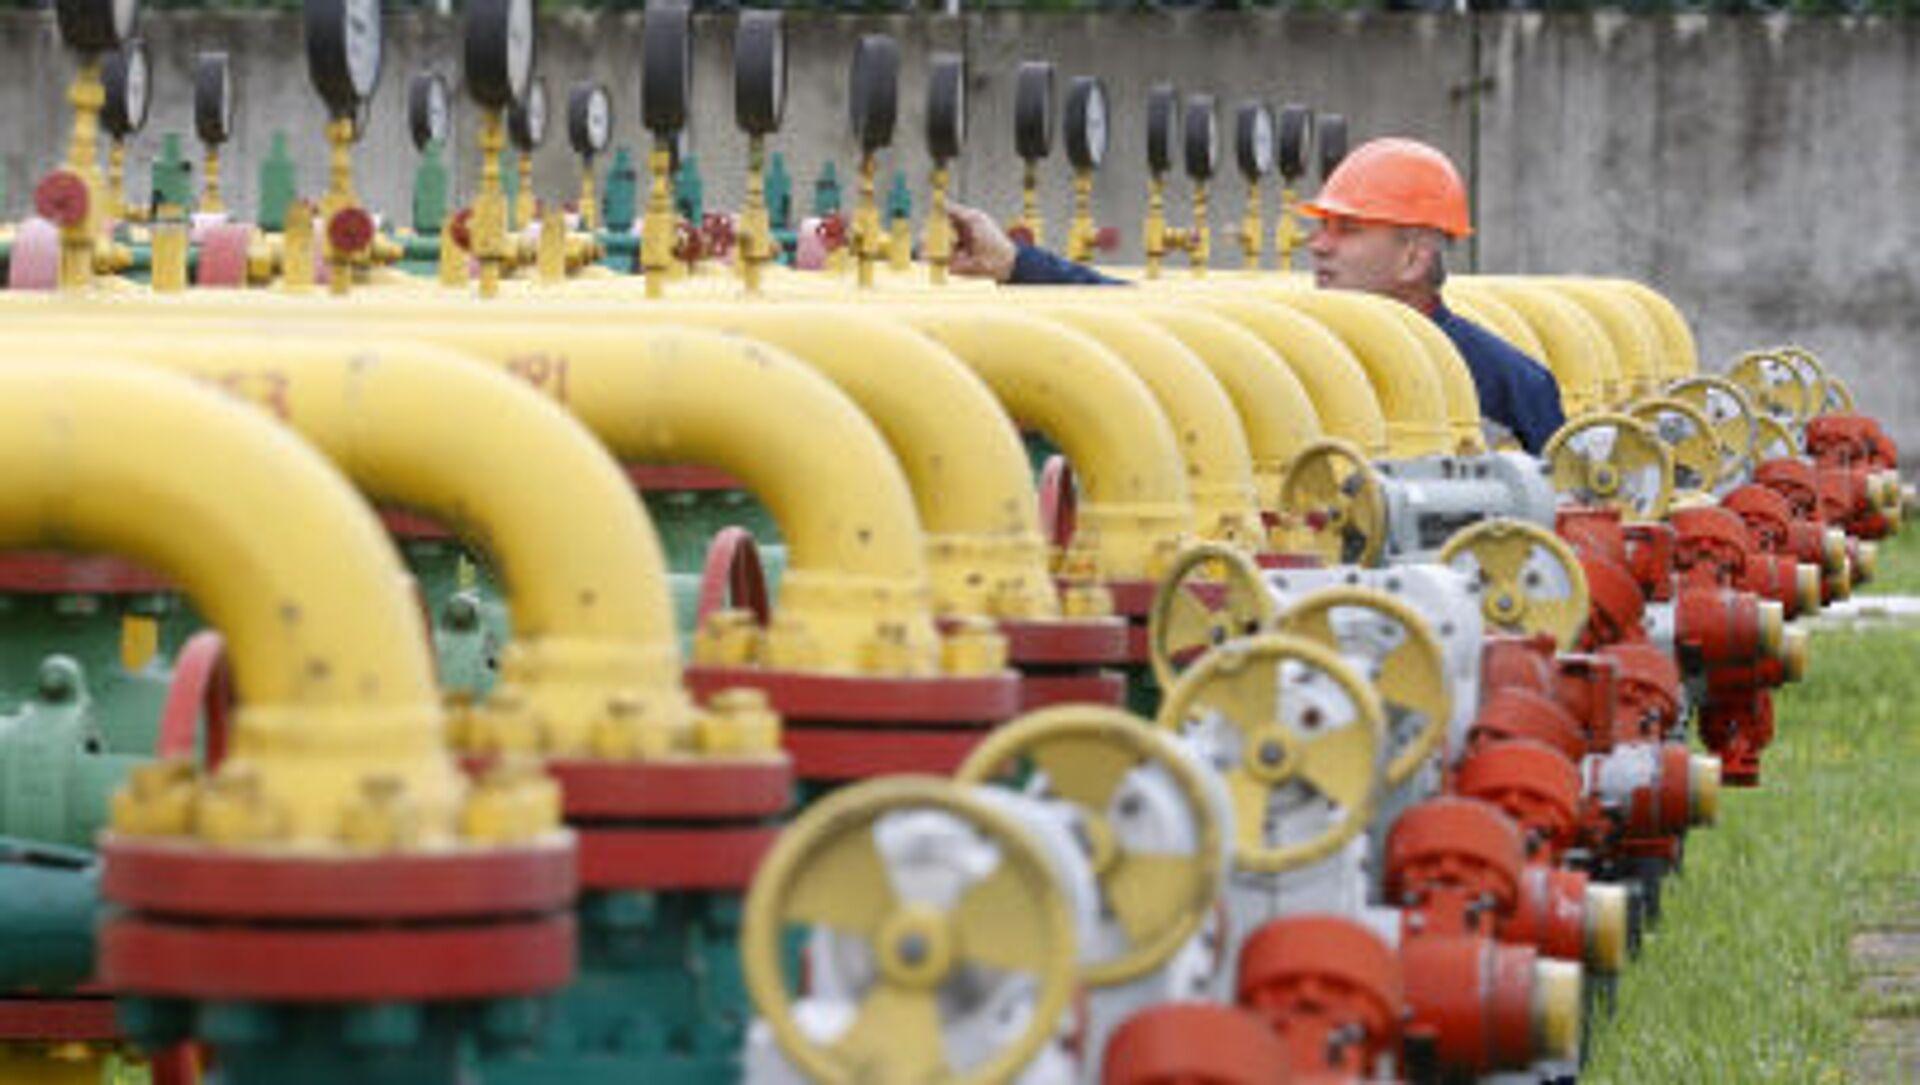 Сотрудник проверяет оборудование на газохранилище под Львовом - Sputnik Аҧсны, 1920, 06.10.2021